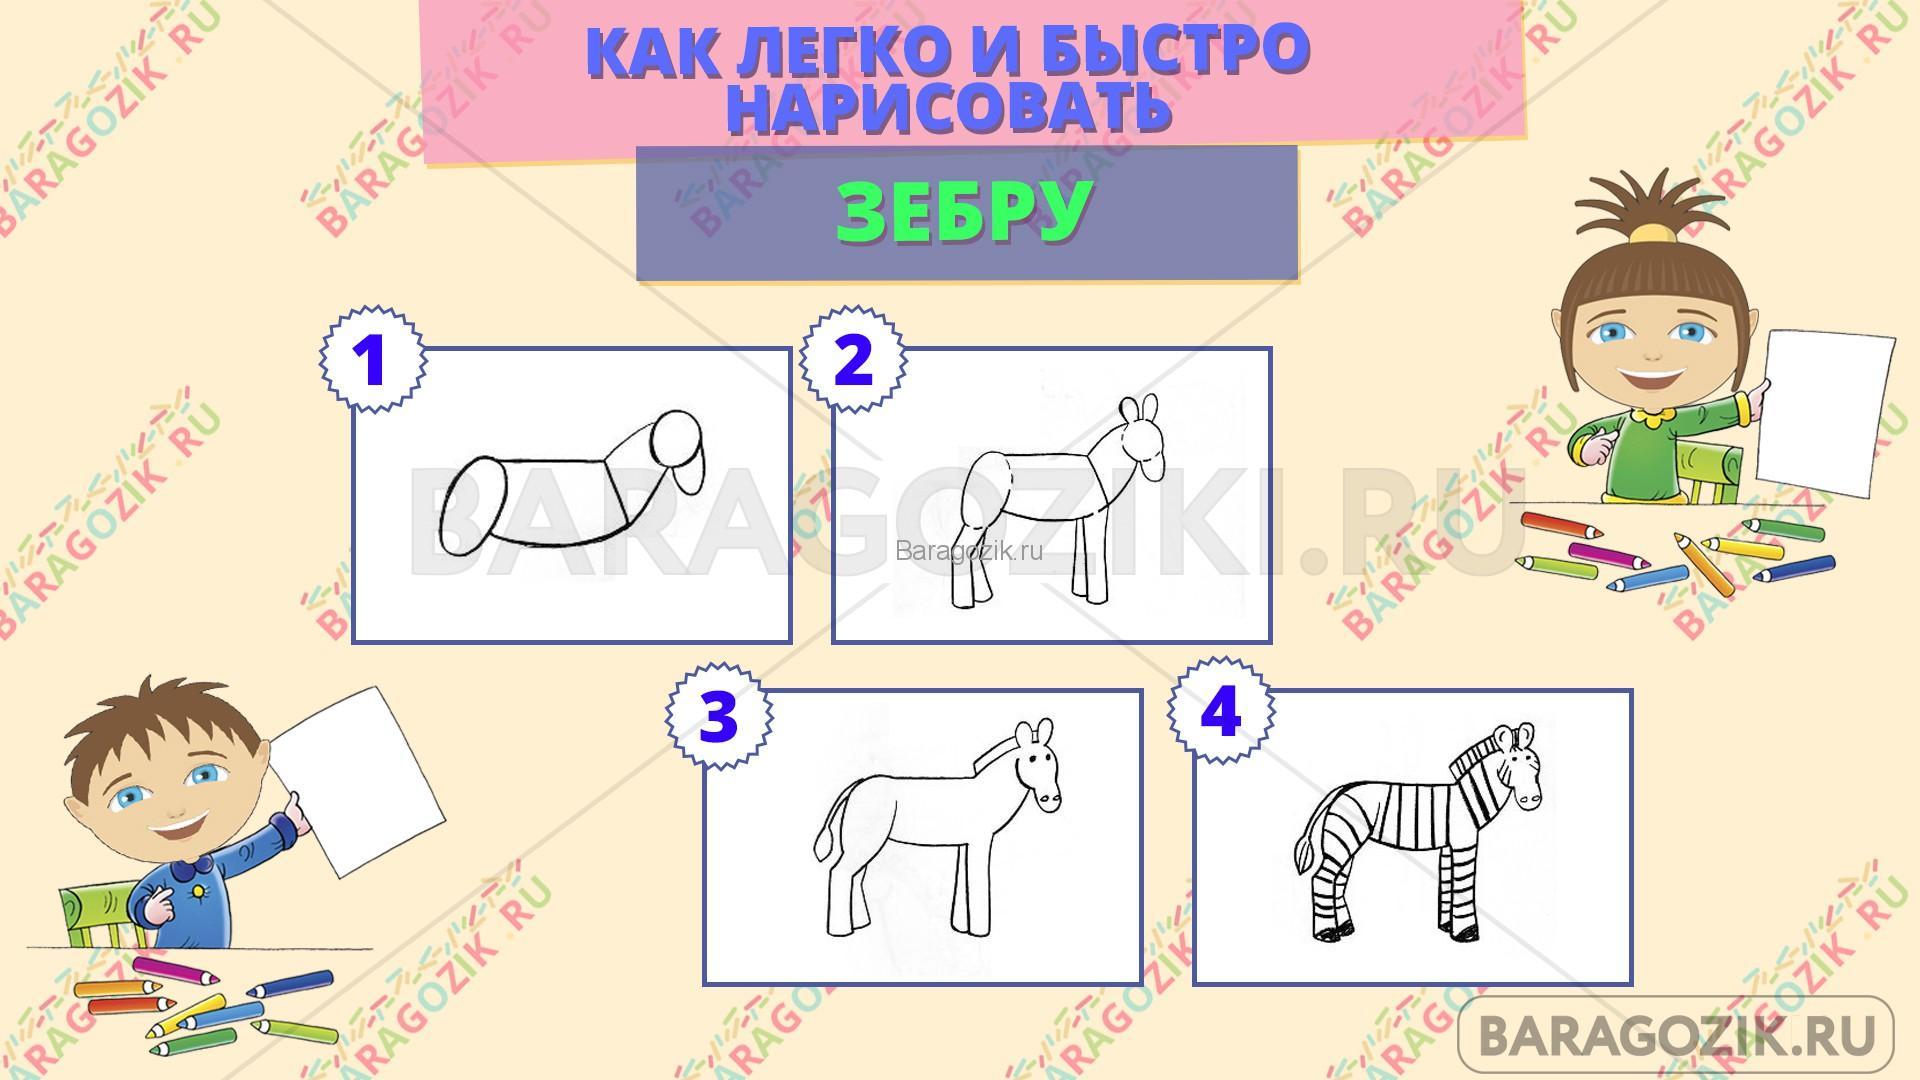 как легко нарисовать зебру - пошаговая схема